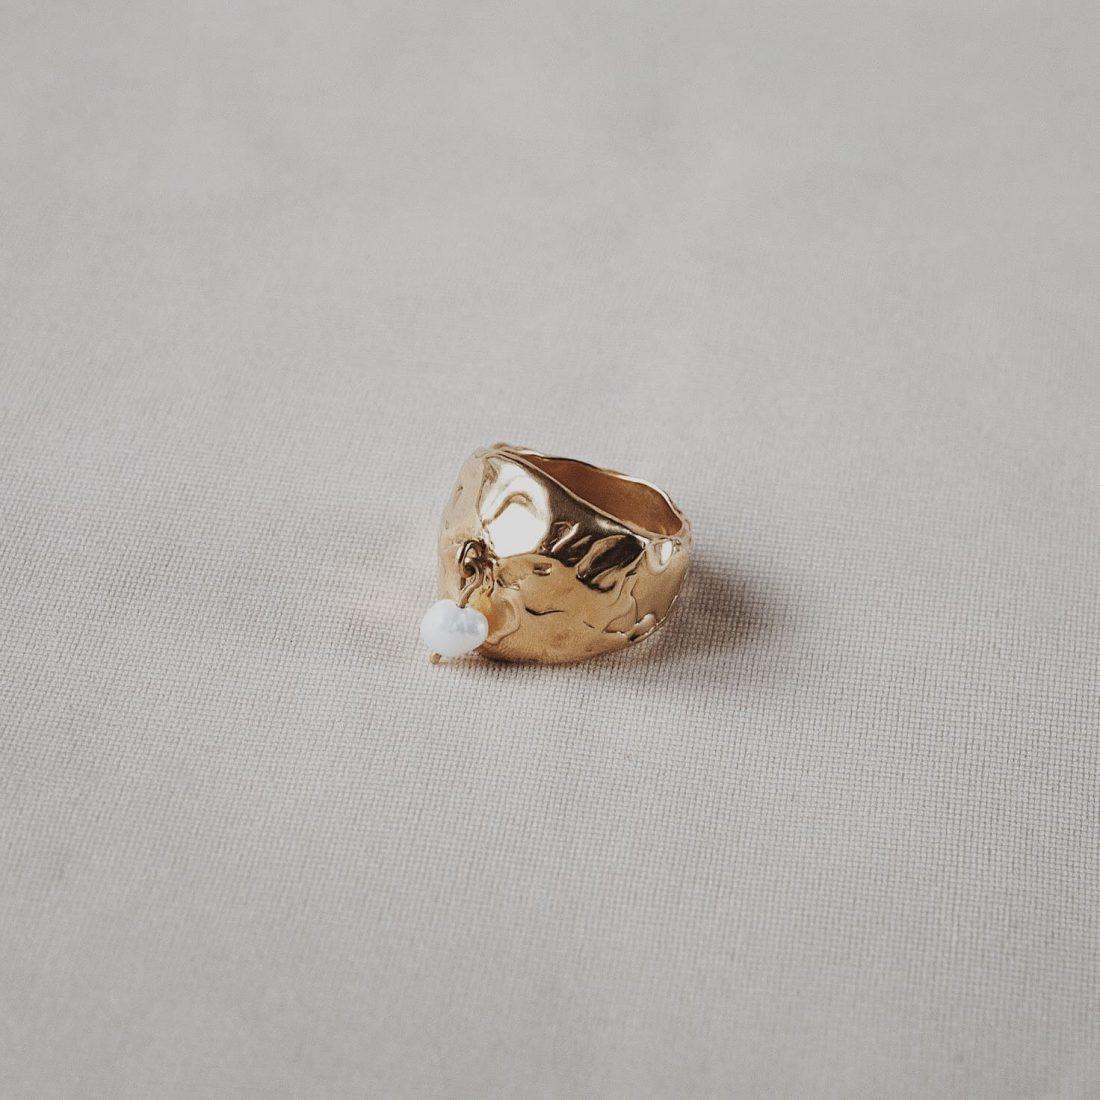 Кольцо с жемчужной подвеской, позолота 3